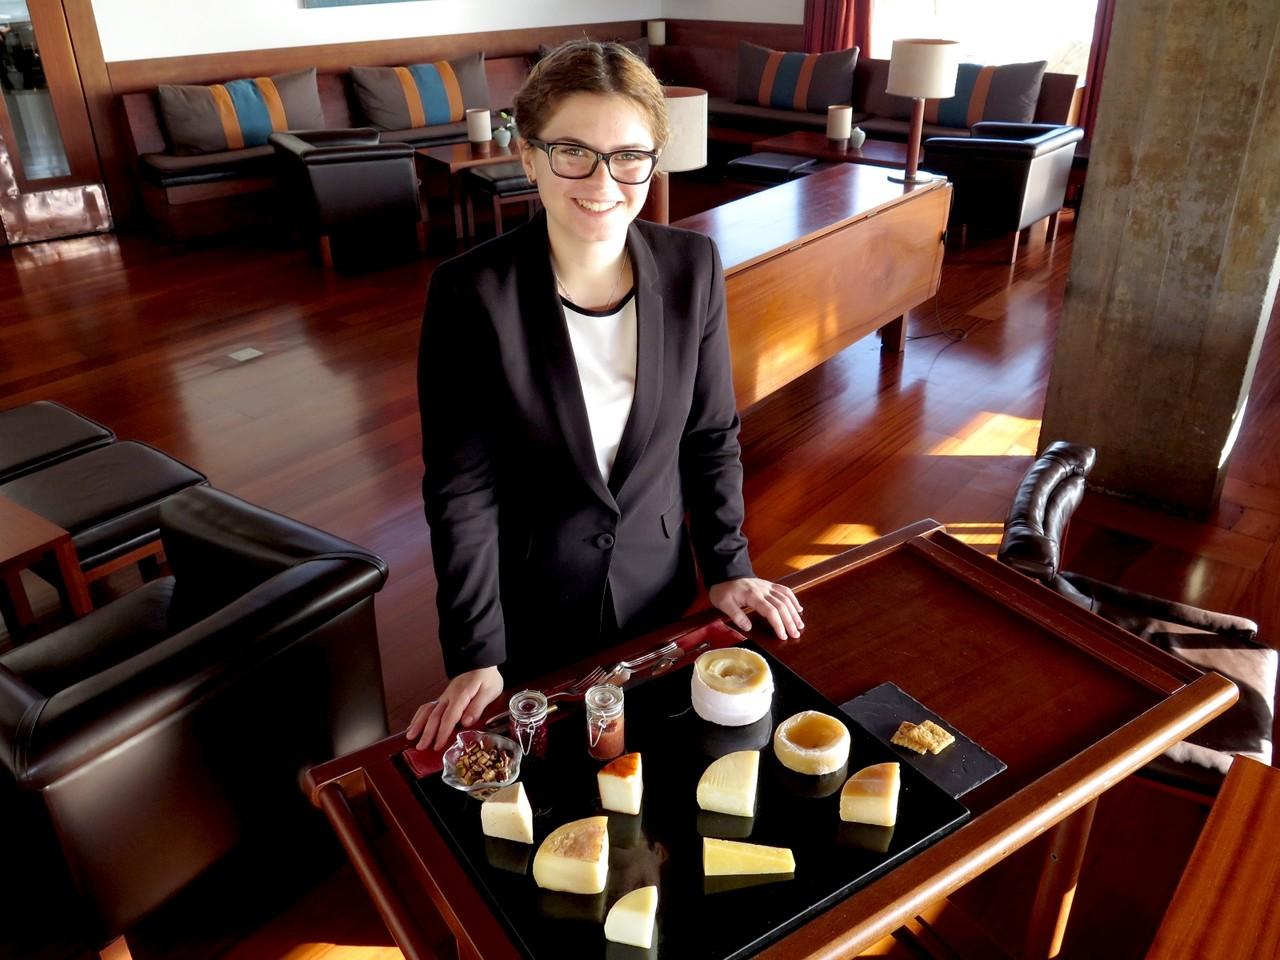 Magda Martins e o carrinho de queijos portugueses